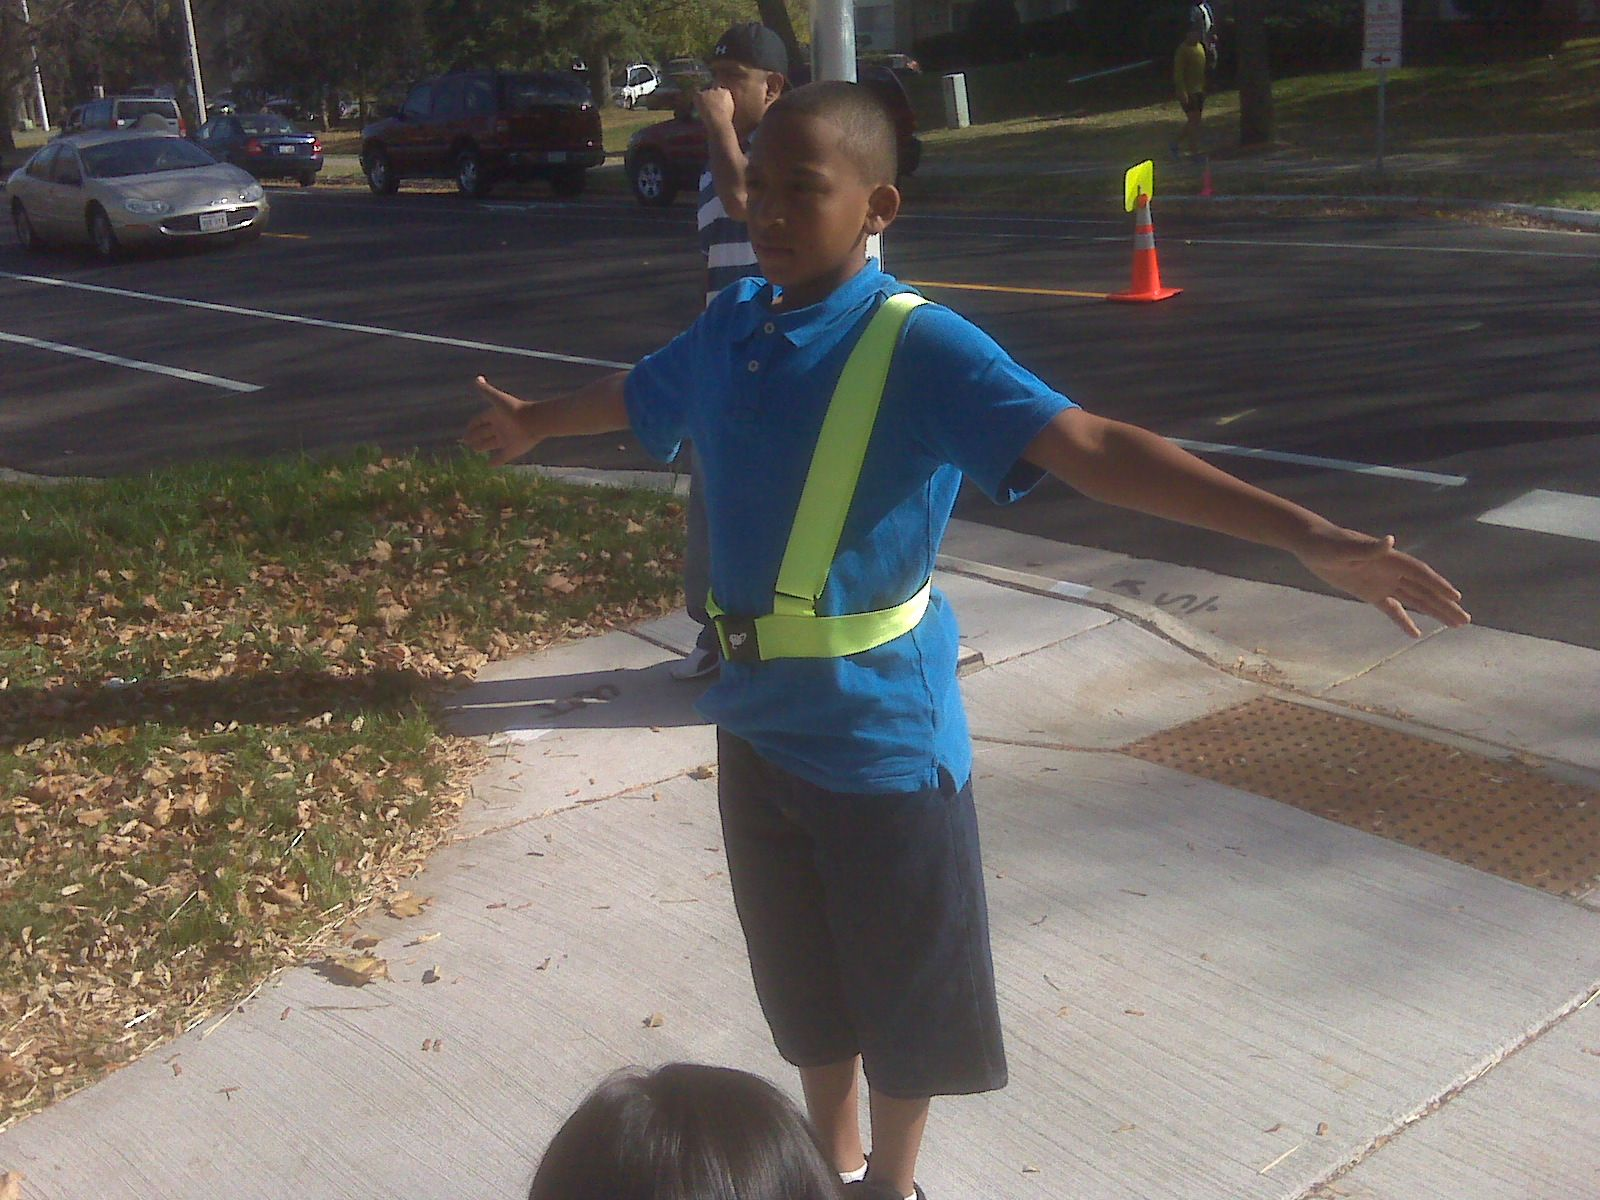 Yes, I was a school safety patrol! ) School safety